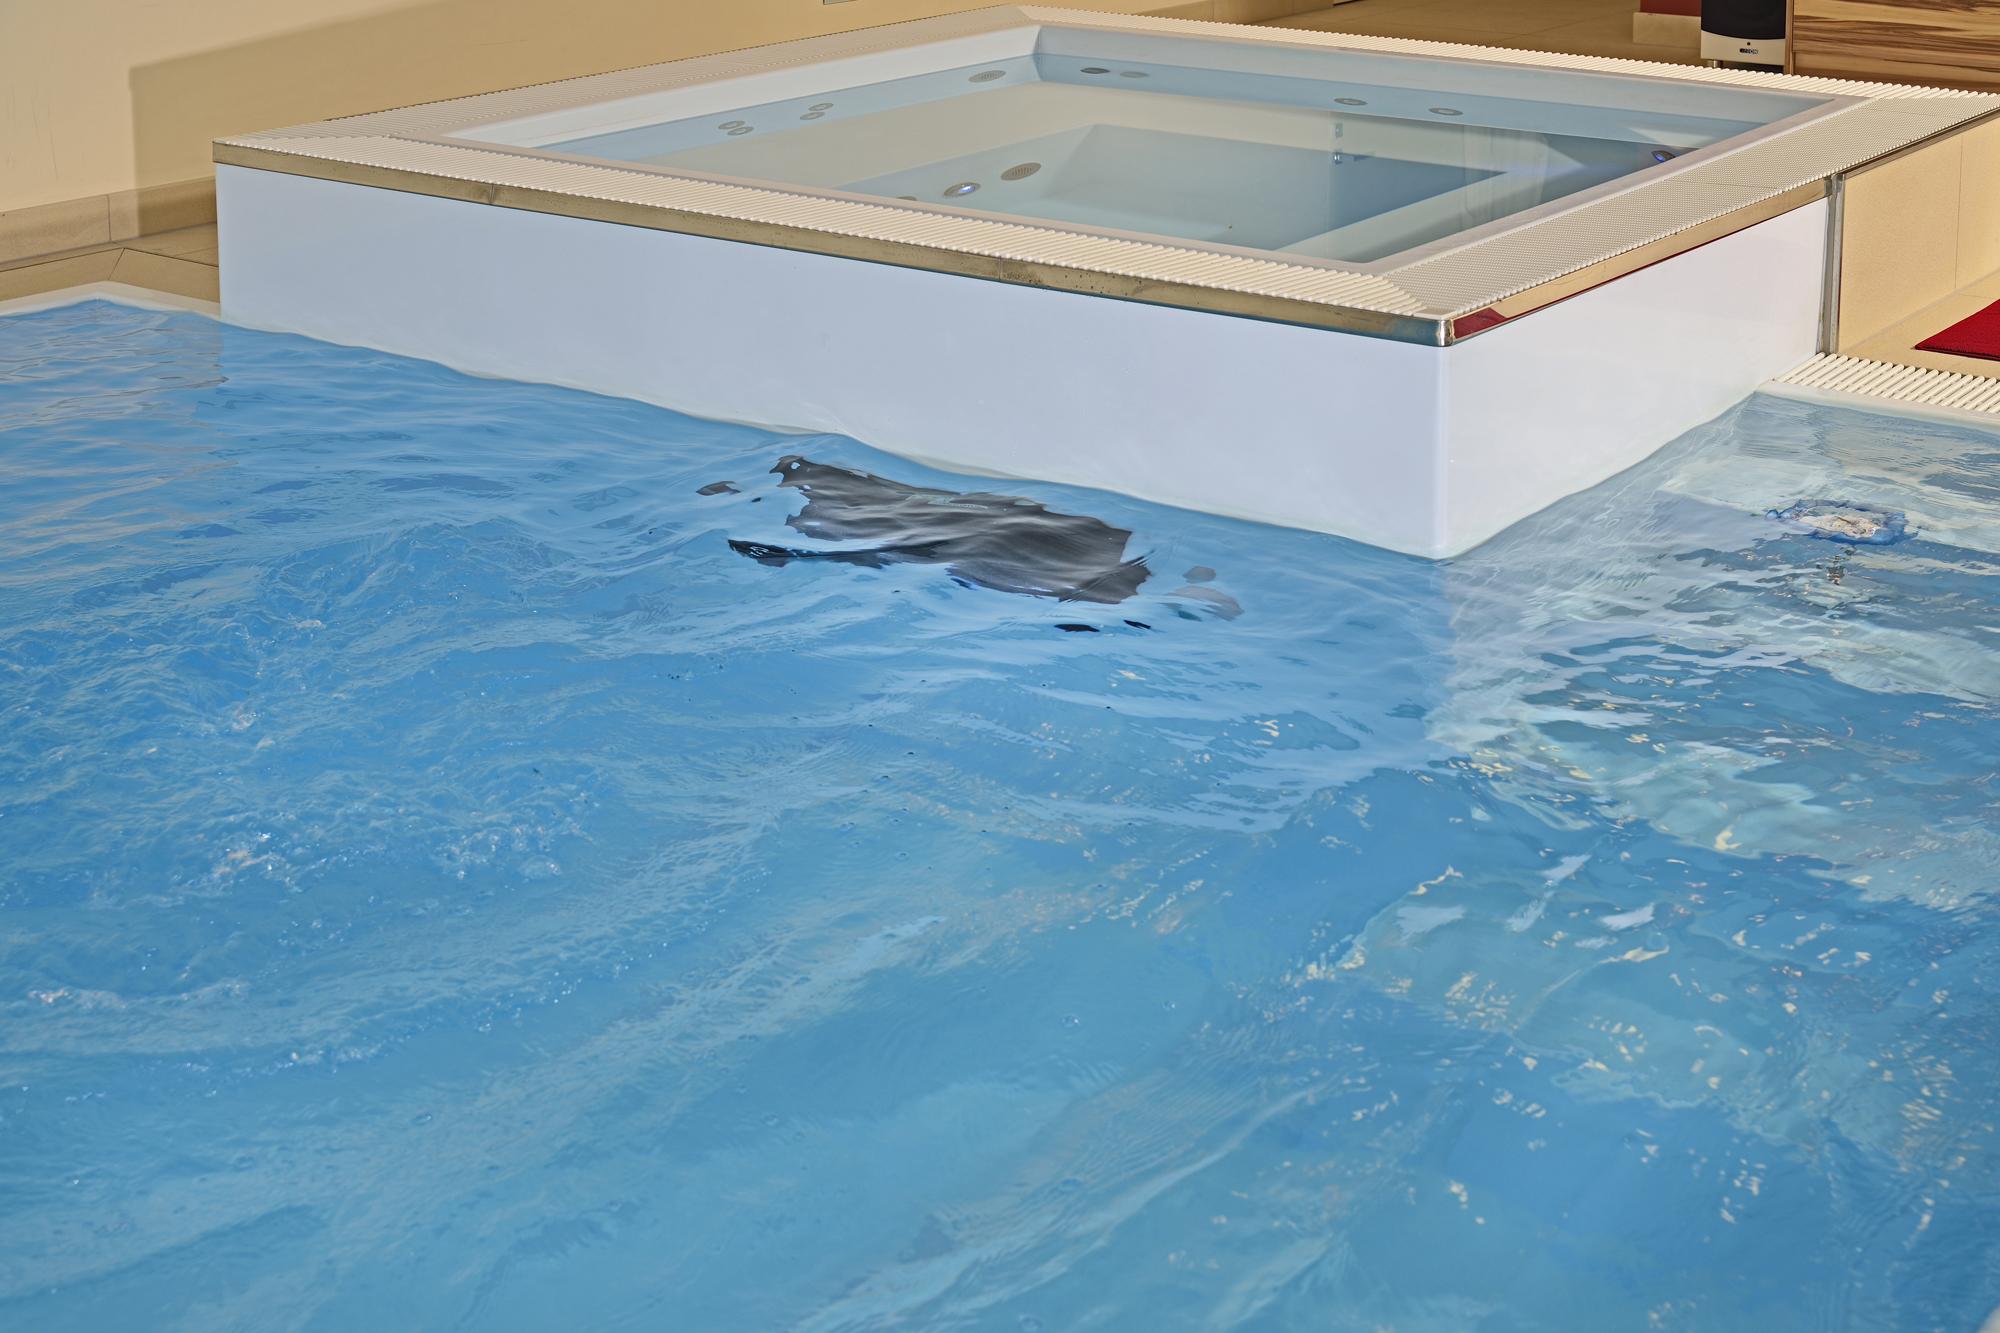 swinstream Gegenstromanalage das heisst schwimmen gegen mindestens 1.000.000 Liter Wasser pro Stunde